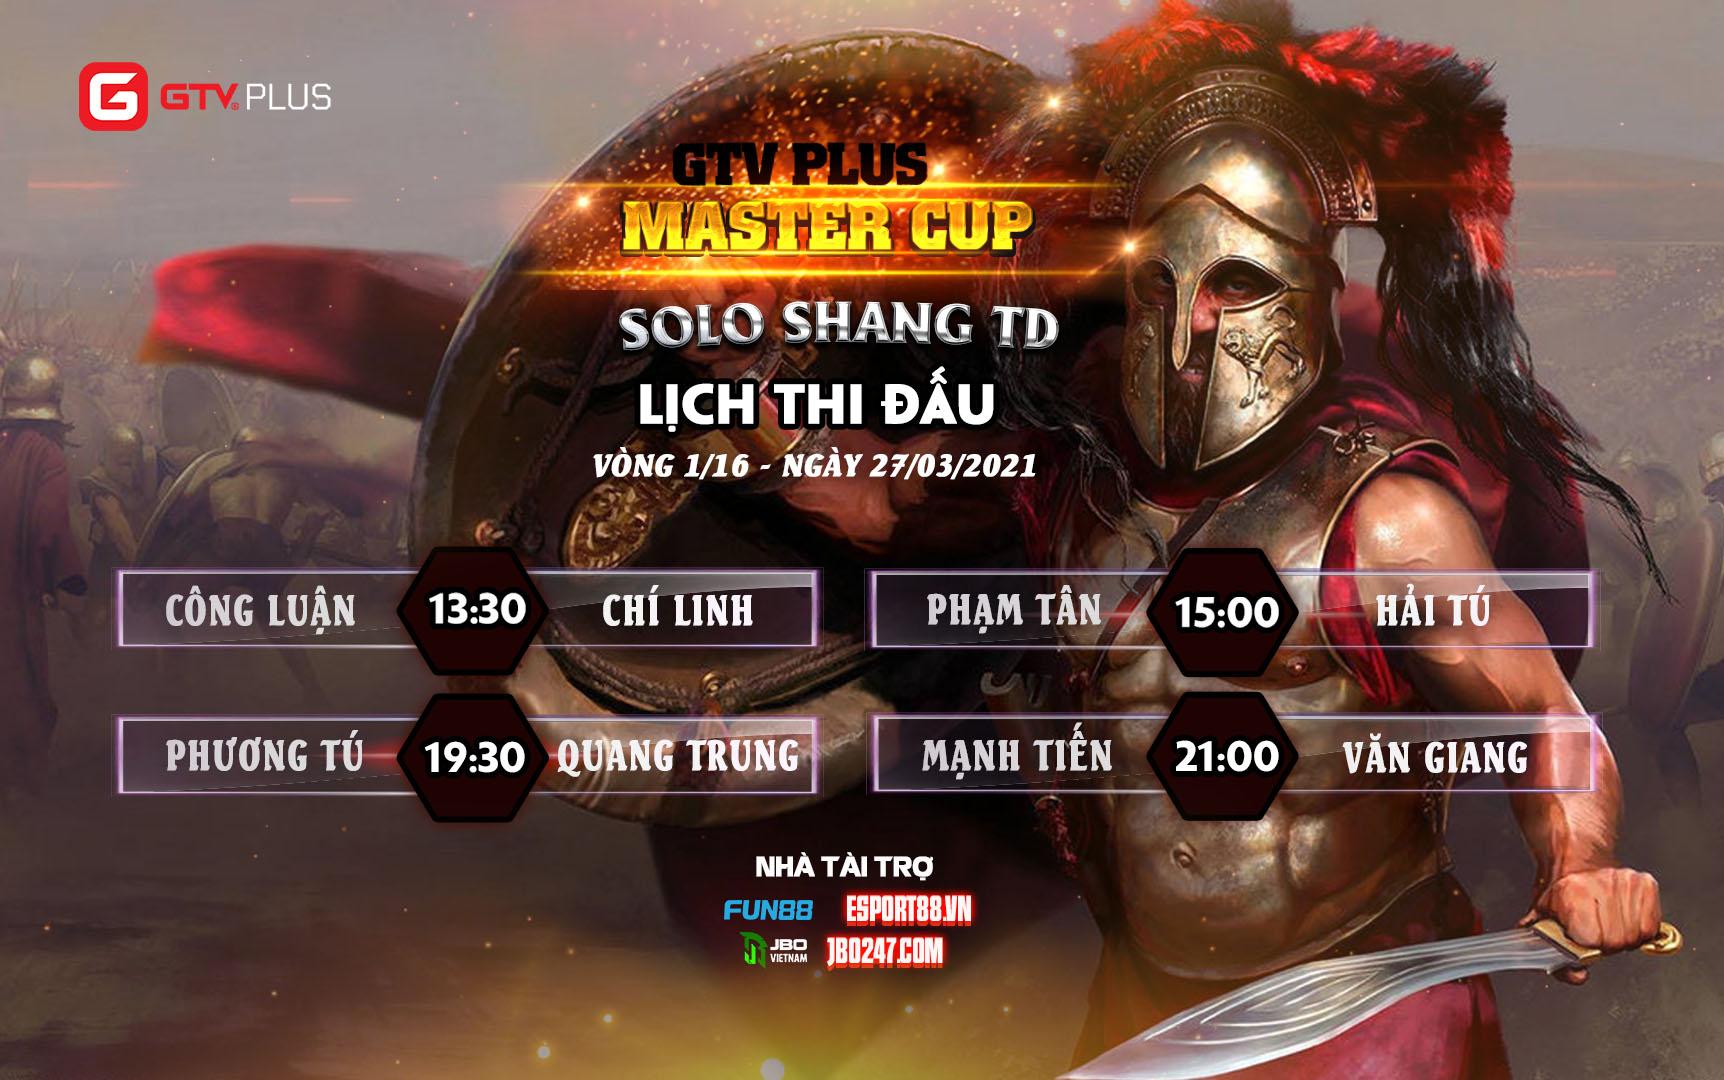 Lịch thi đấu ngày thi đấu ngày 27 tháng 3 Giải đấu GTV Plus Master Cup 2021